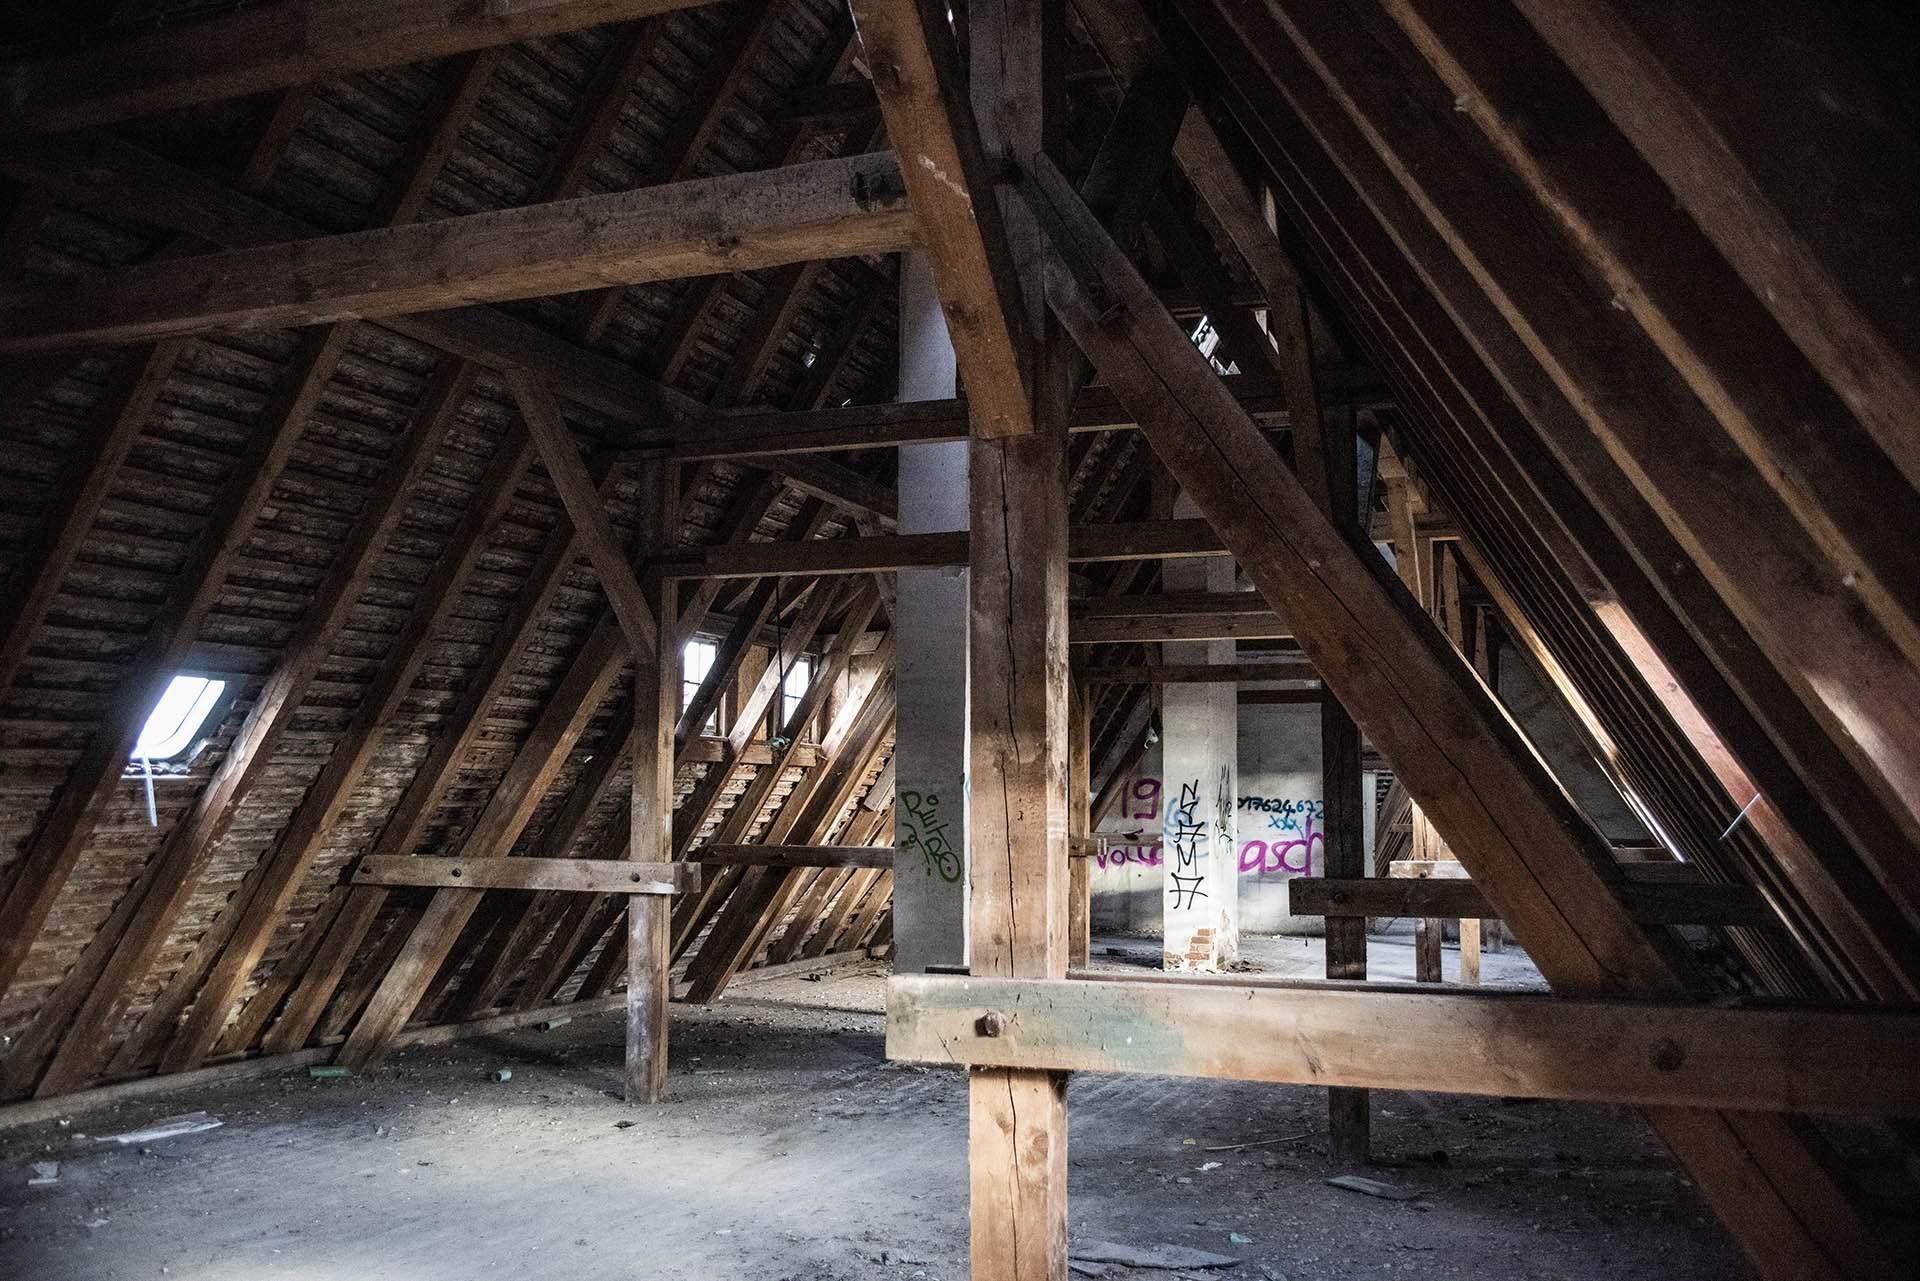 Fototour Lost Places Thüringen .. verlassene Orte. Endeckungstour 15.02.2020